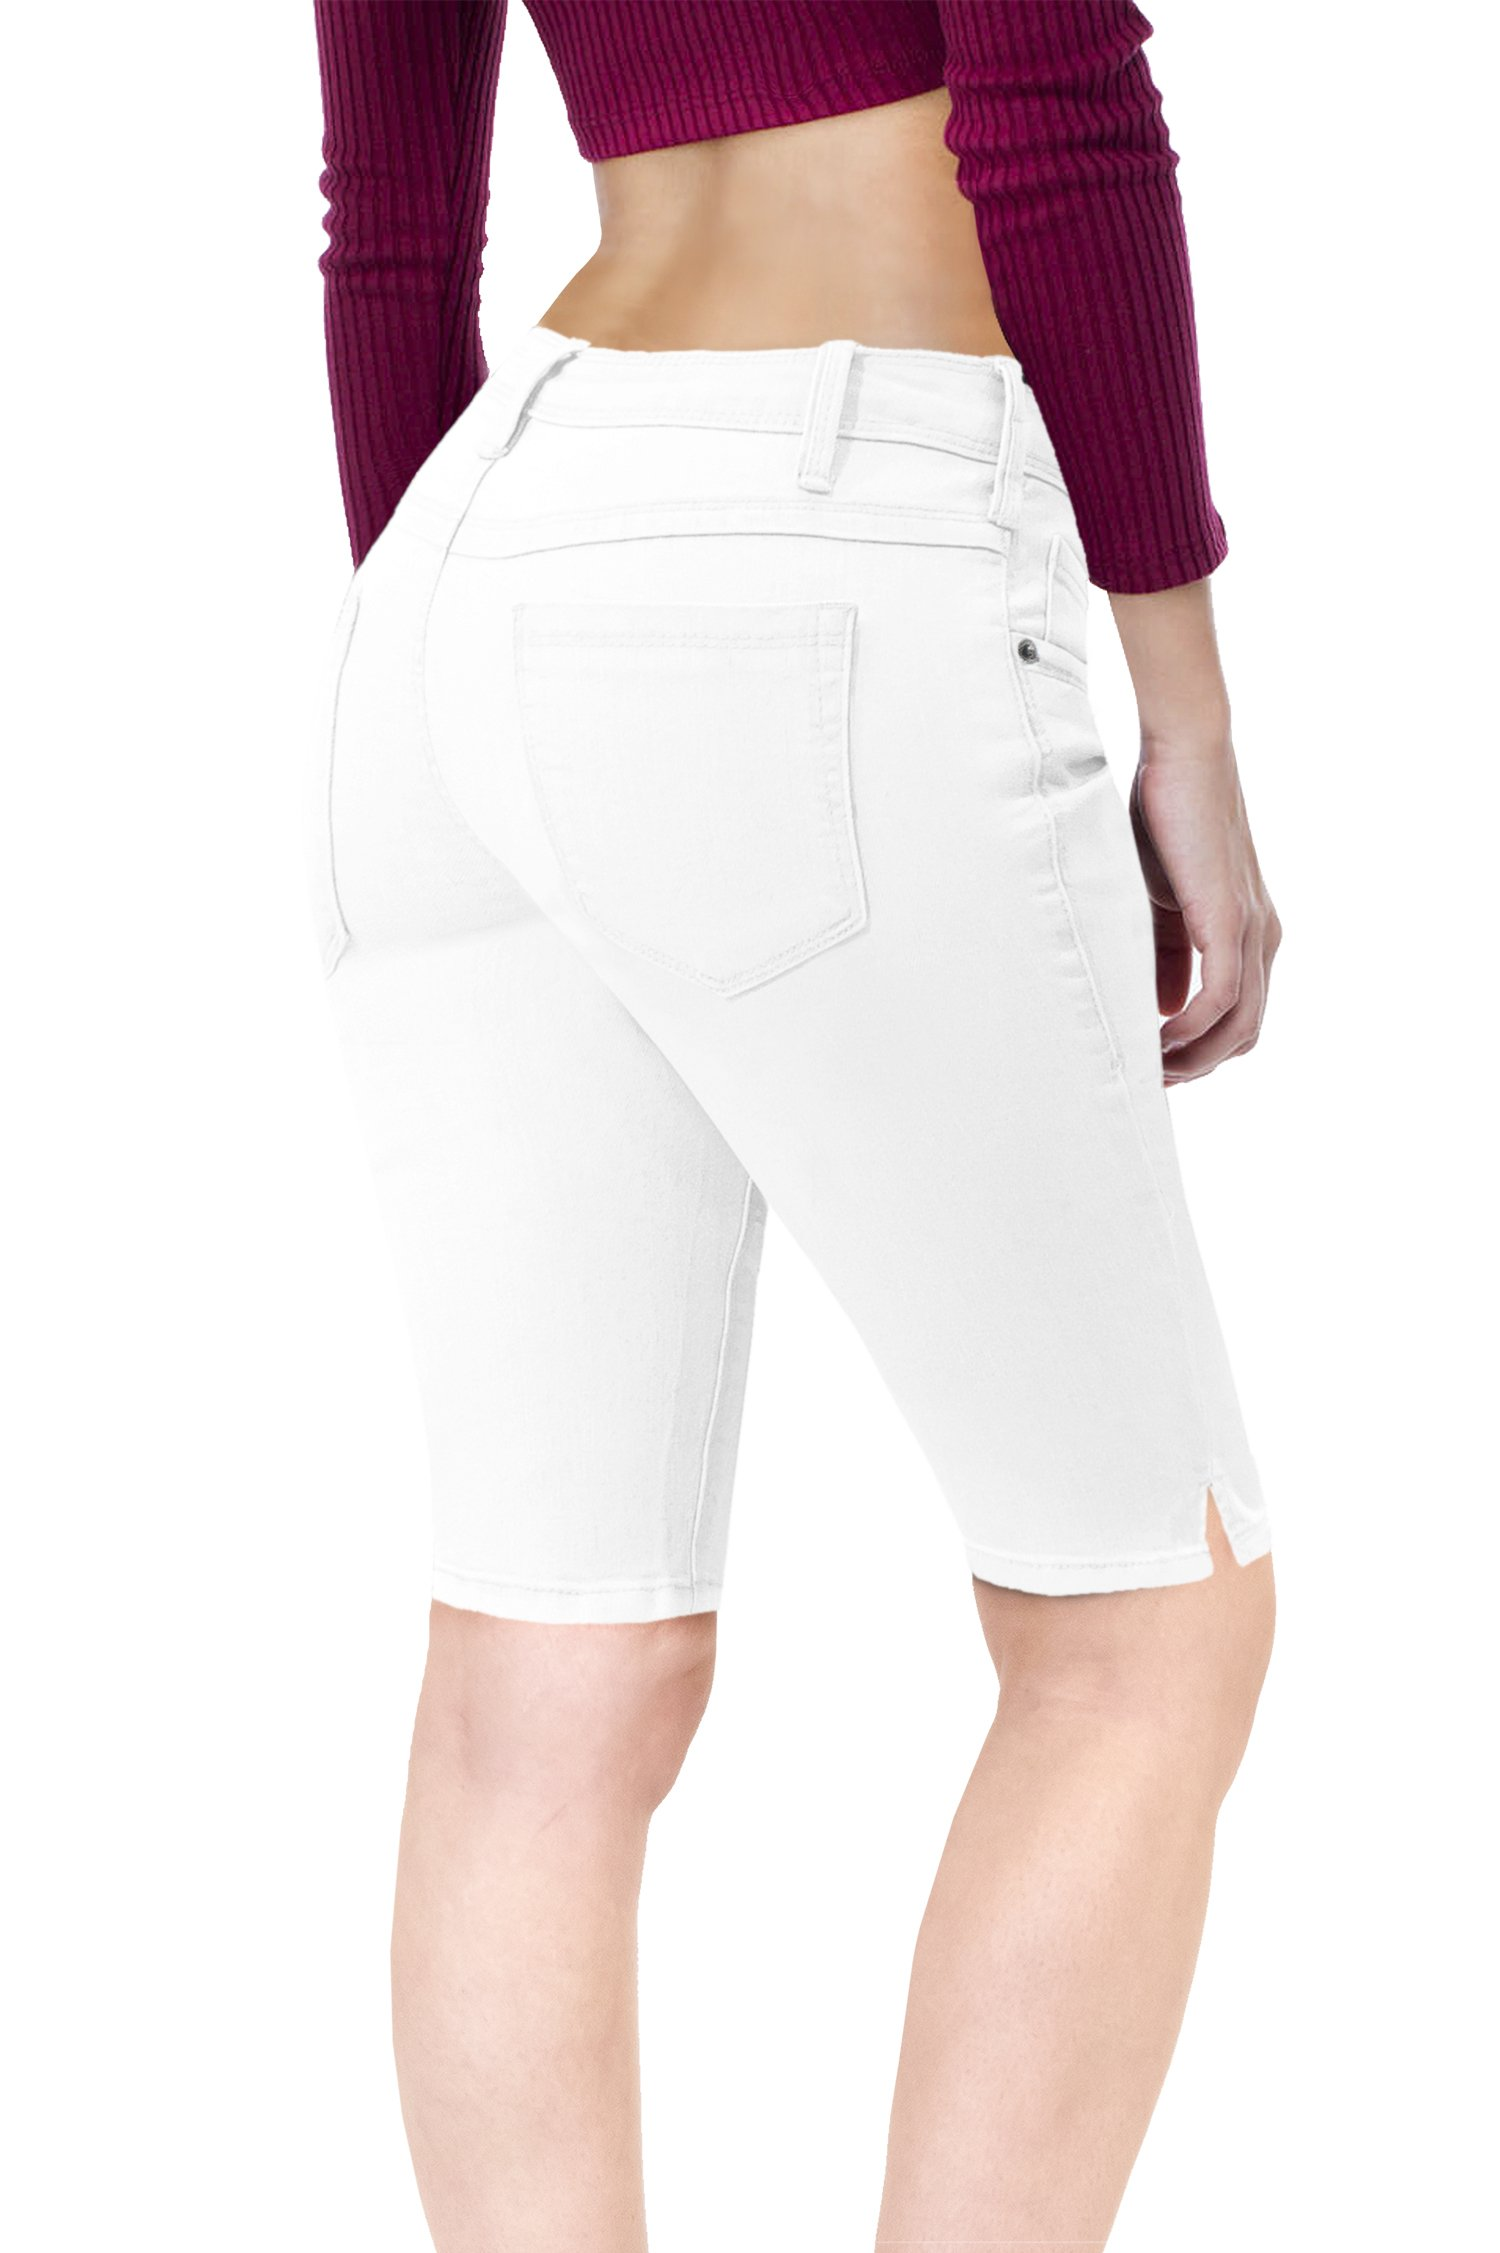 HyBrid & Company Women's Stretchy Denim Bermuda ShortB19411 White 7